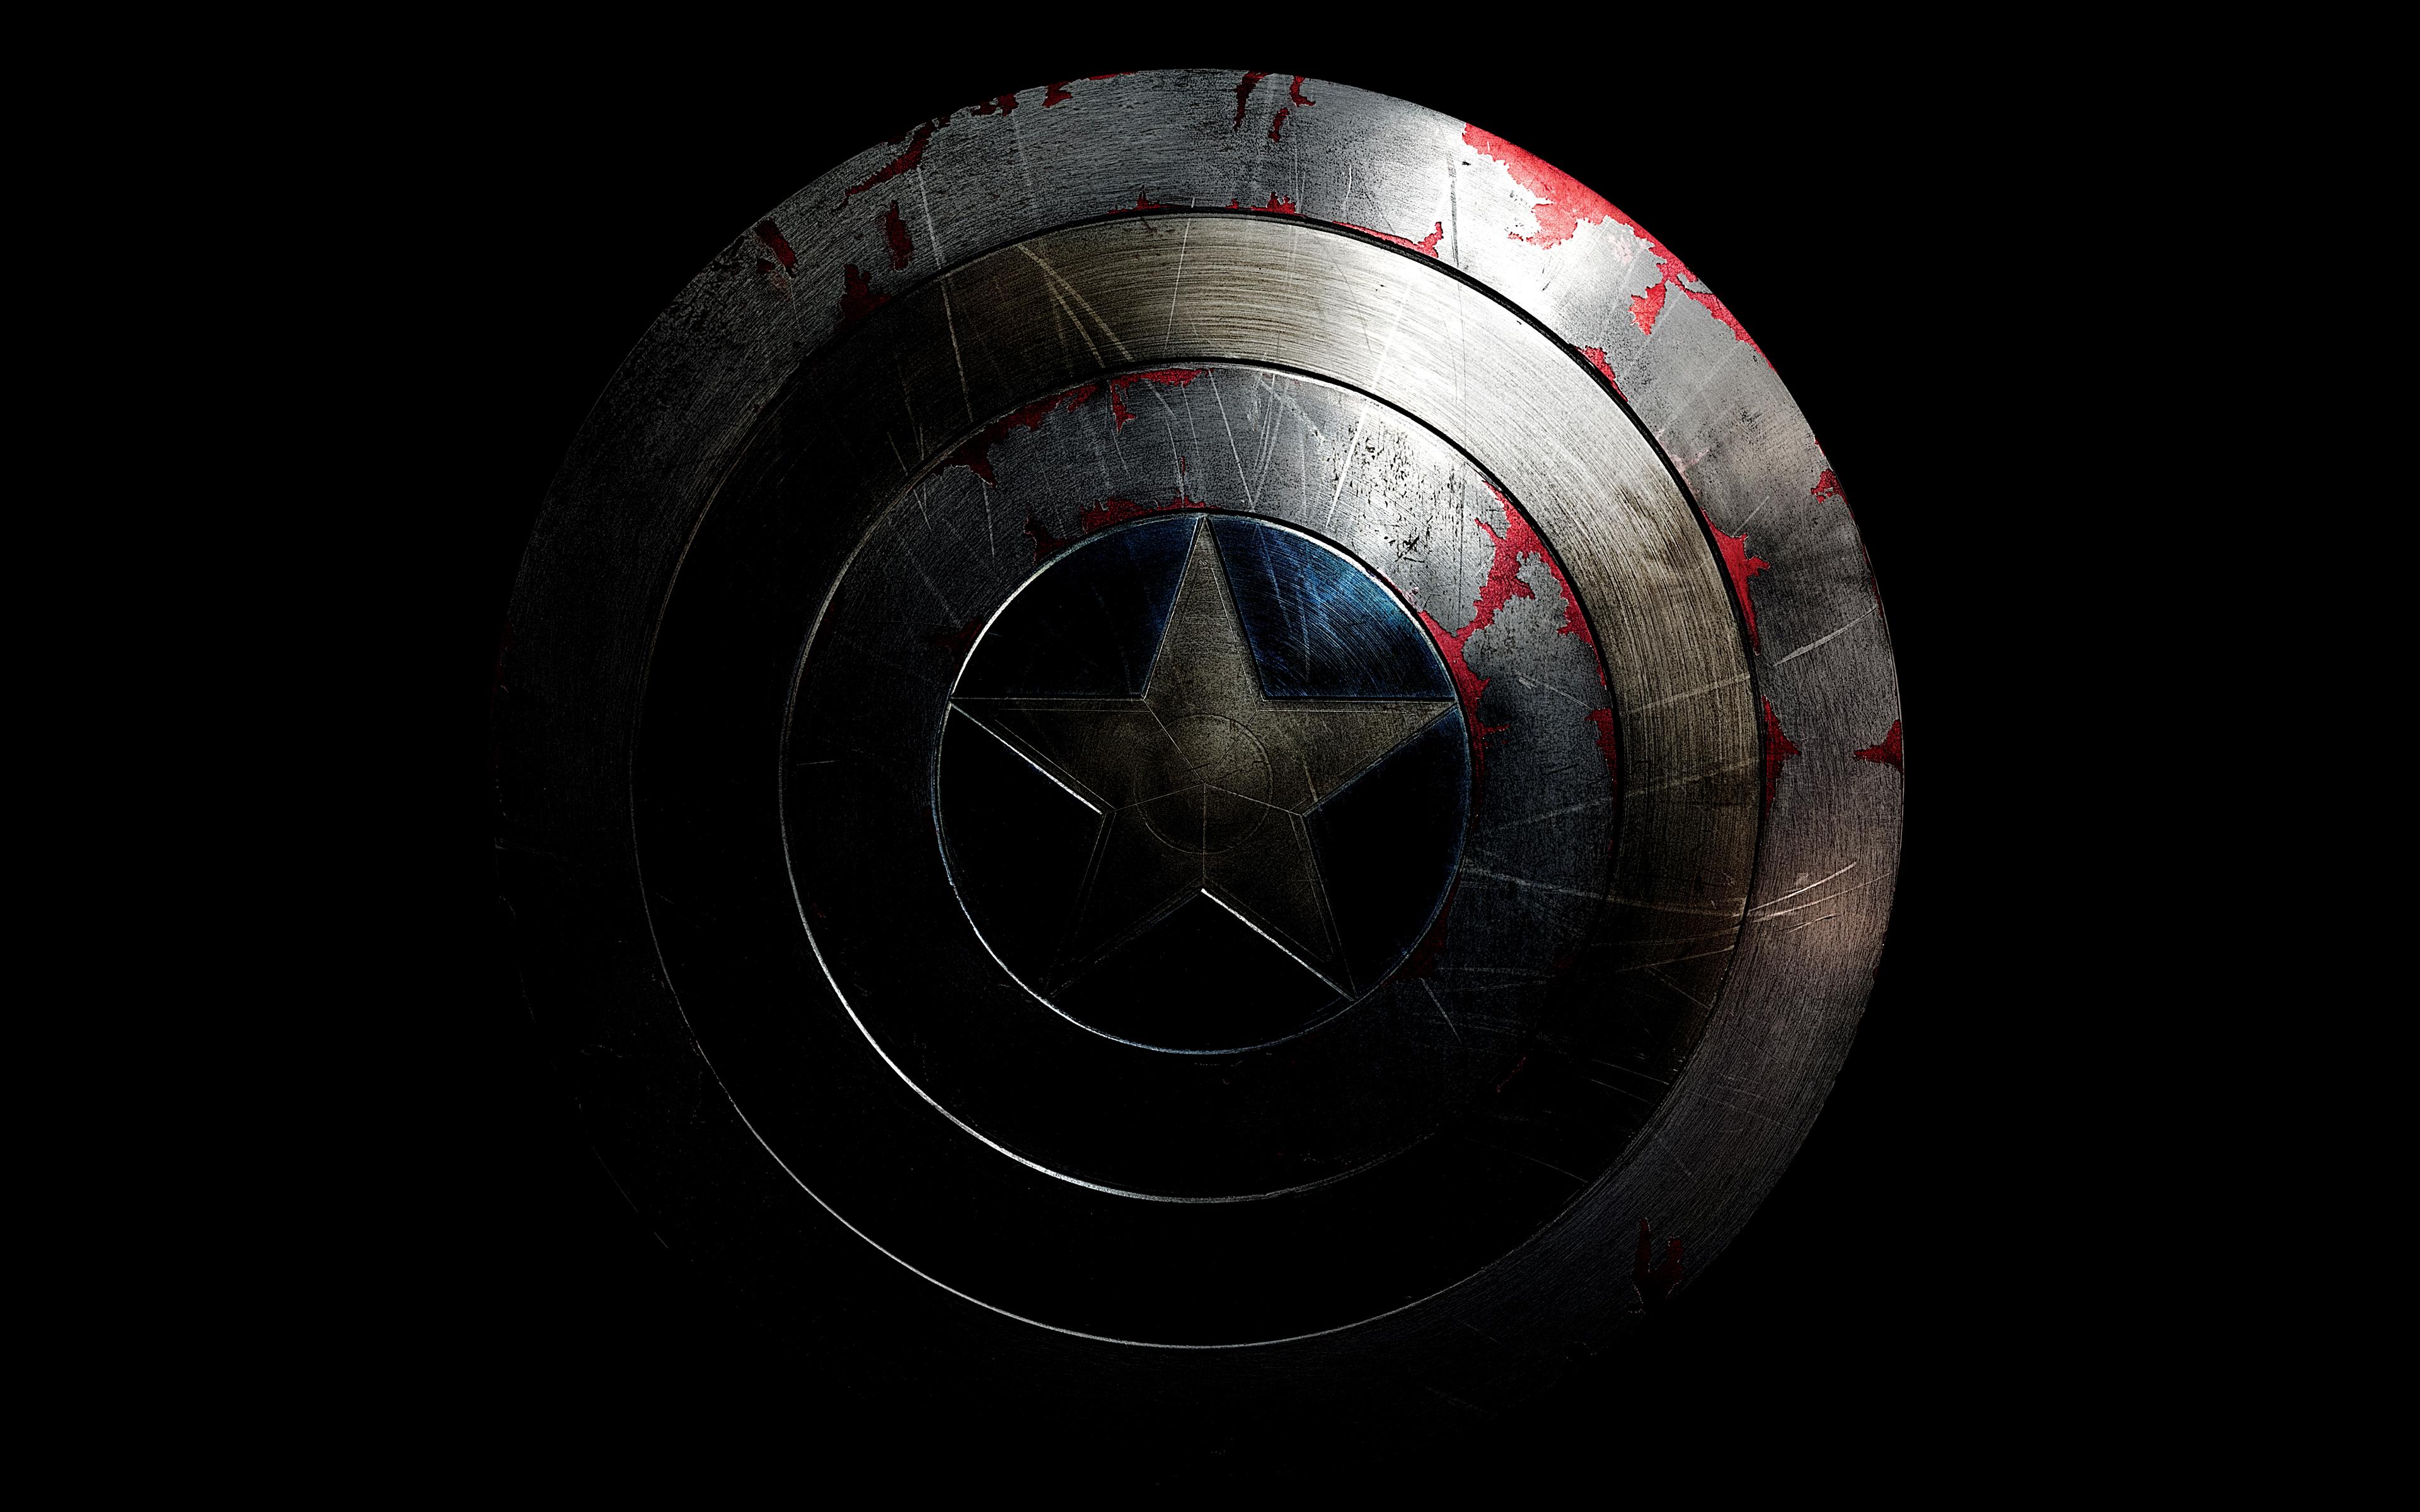 Капитан Америка щит обои скачать